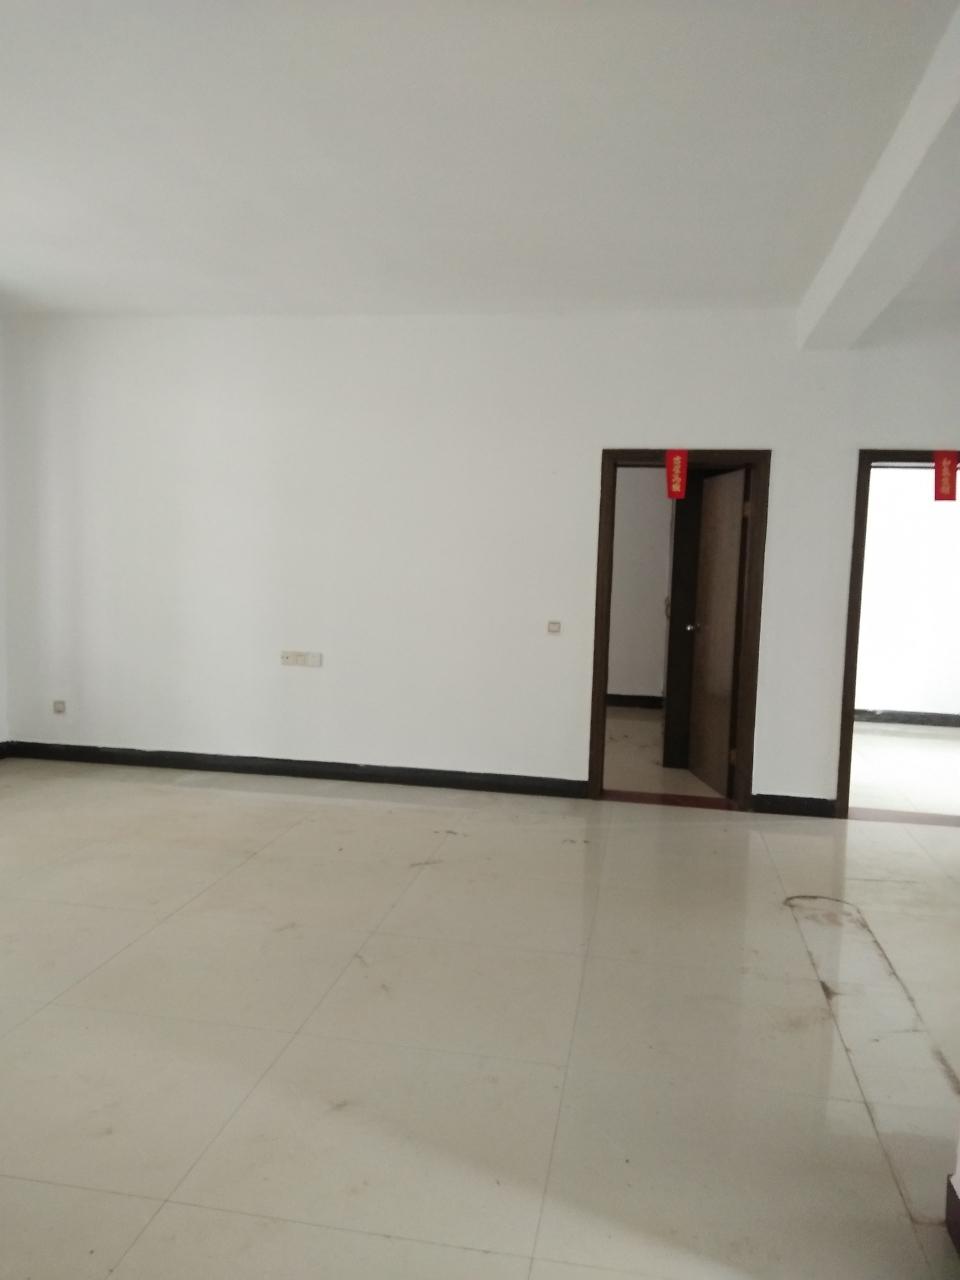 金沙平台中学附近3室2厅2卫72.8万元